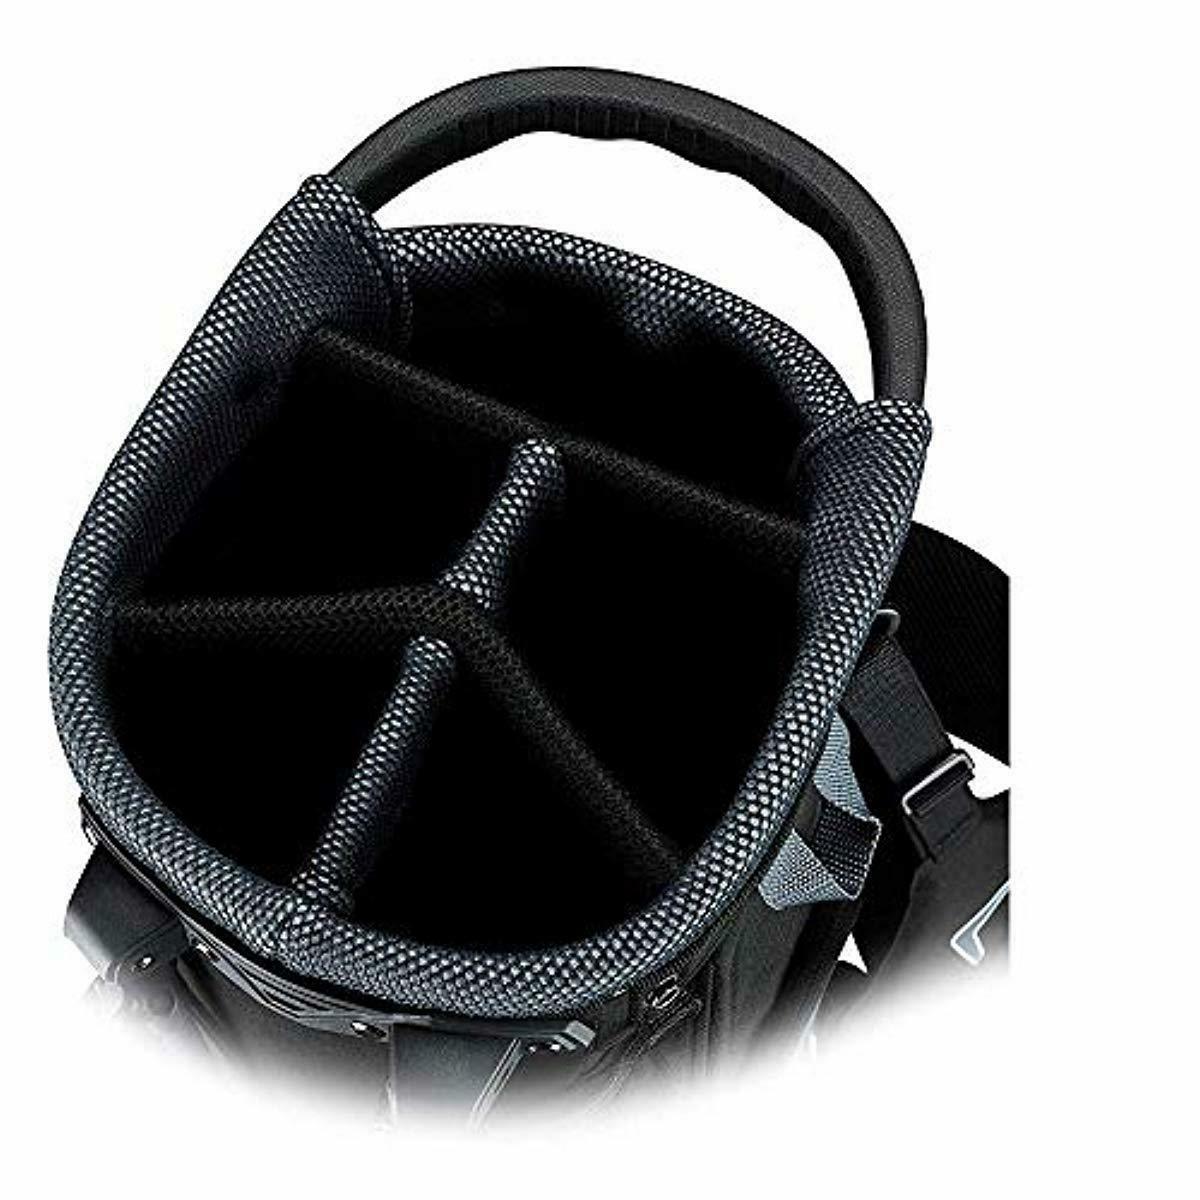 Callaway 2019 Stand Bag Dividers 6